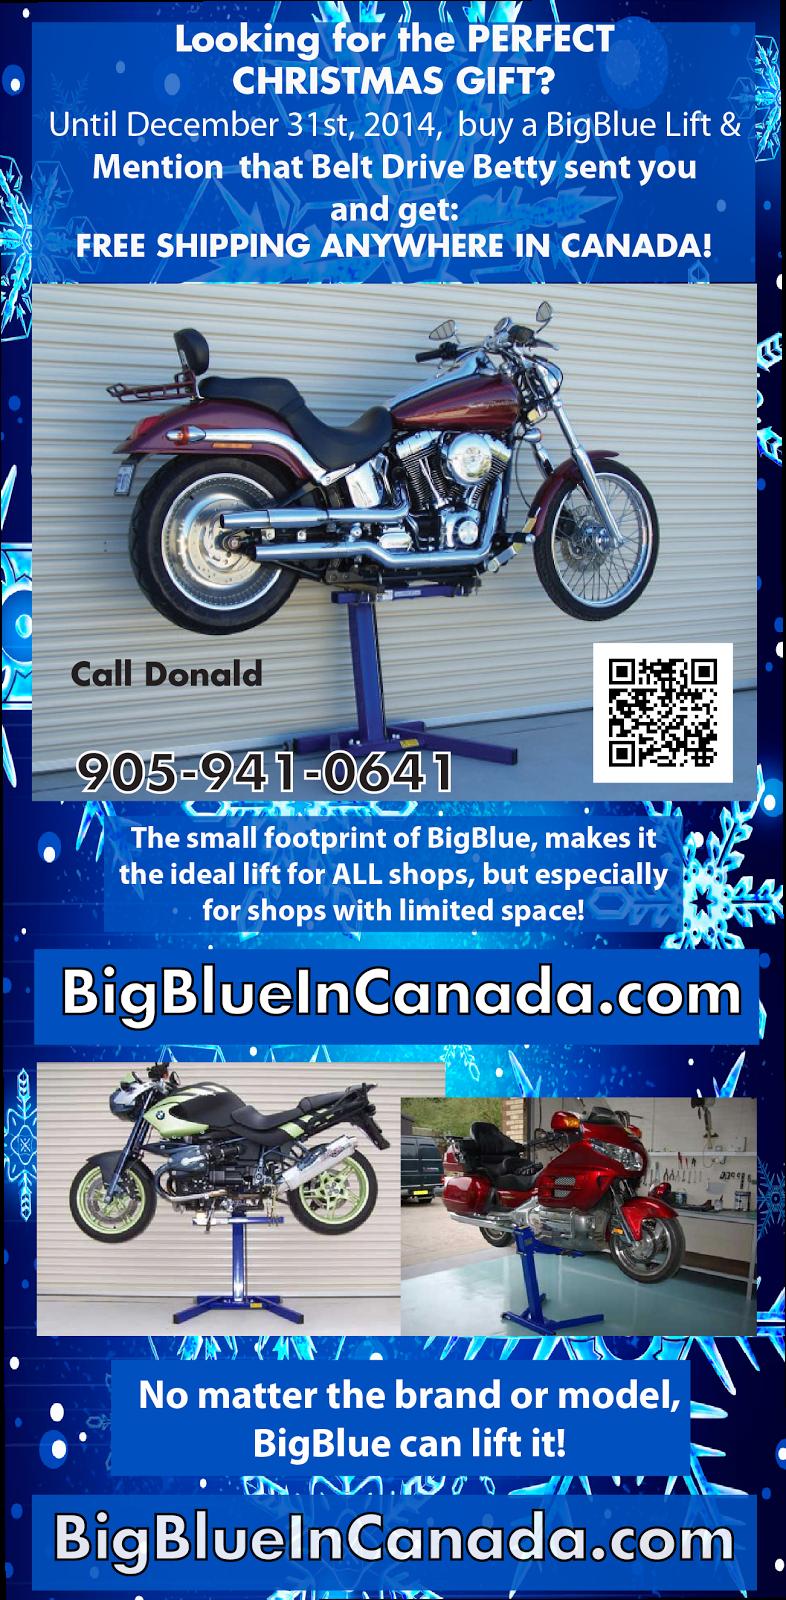 BigBlue in Canada